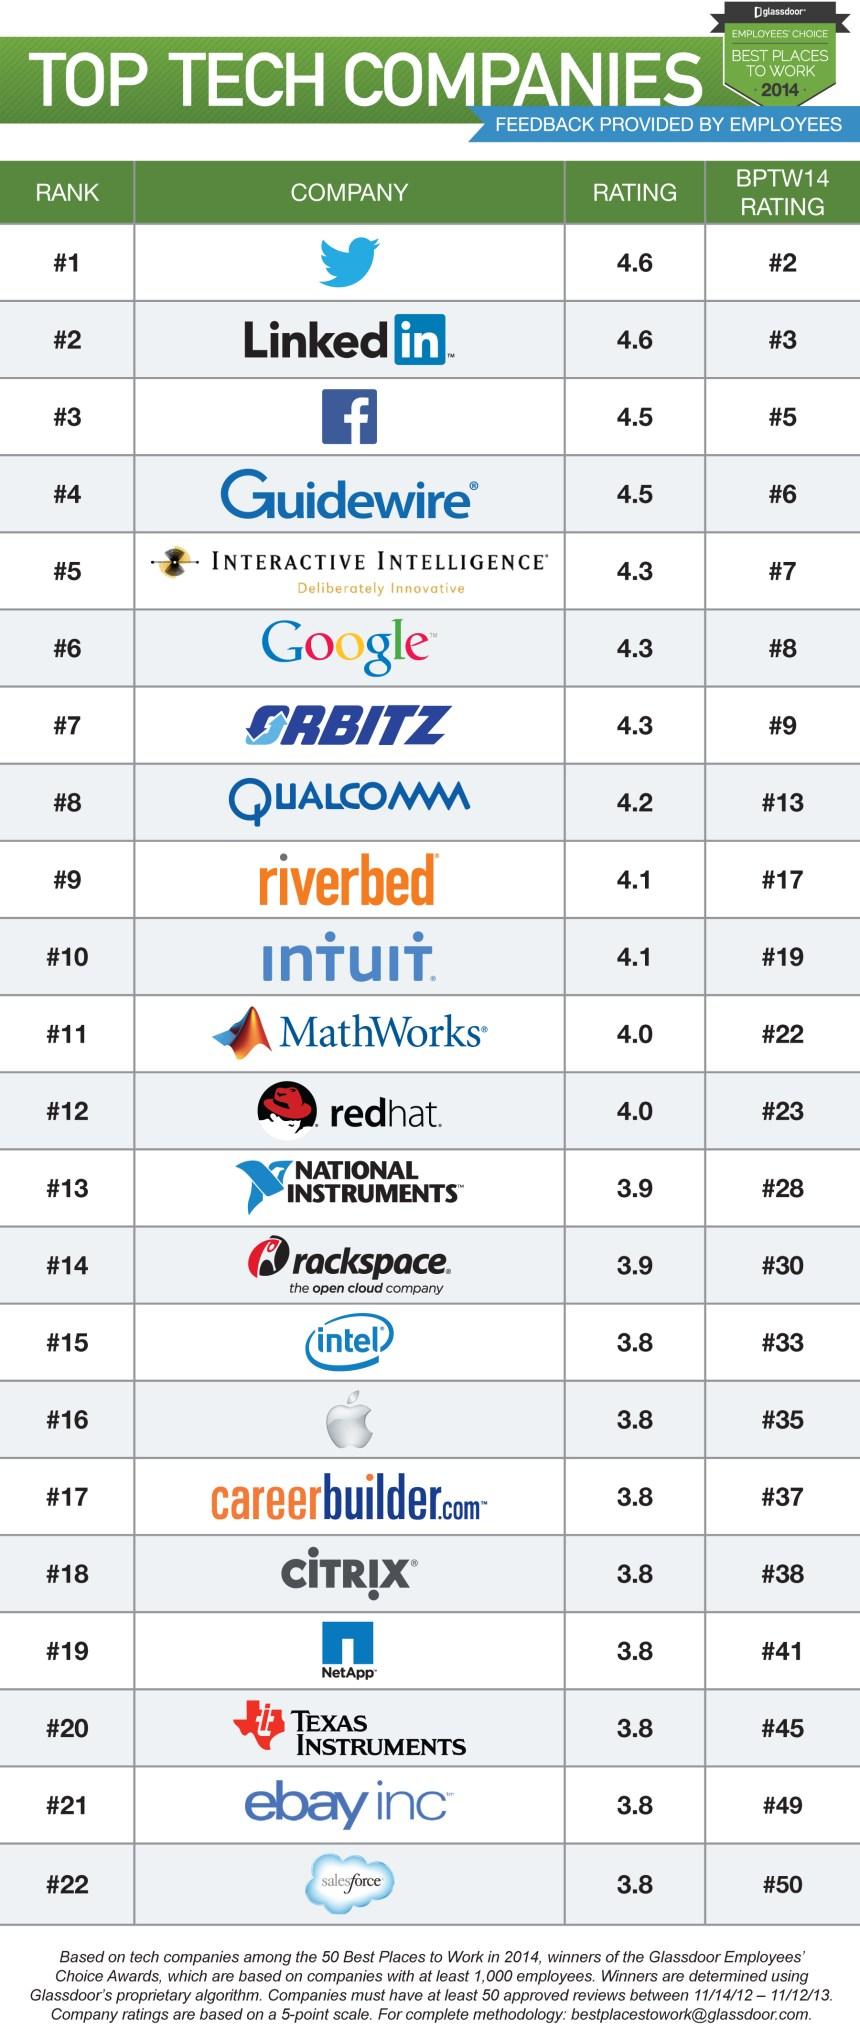 Las mejores empresas tecnológicas para trabajar en 2014